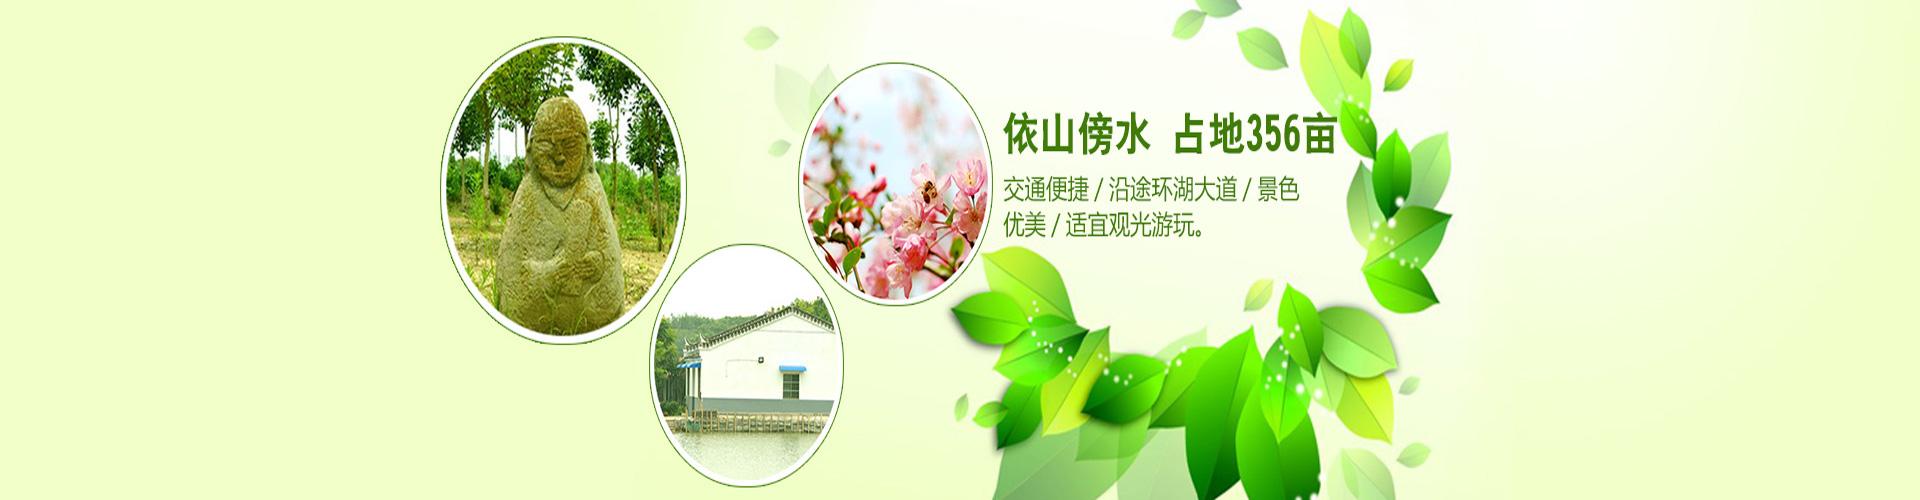 合肥木兰生态农业有限责任公司-banner1